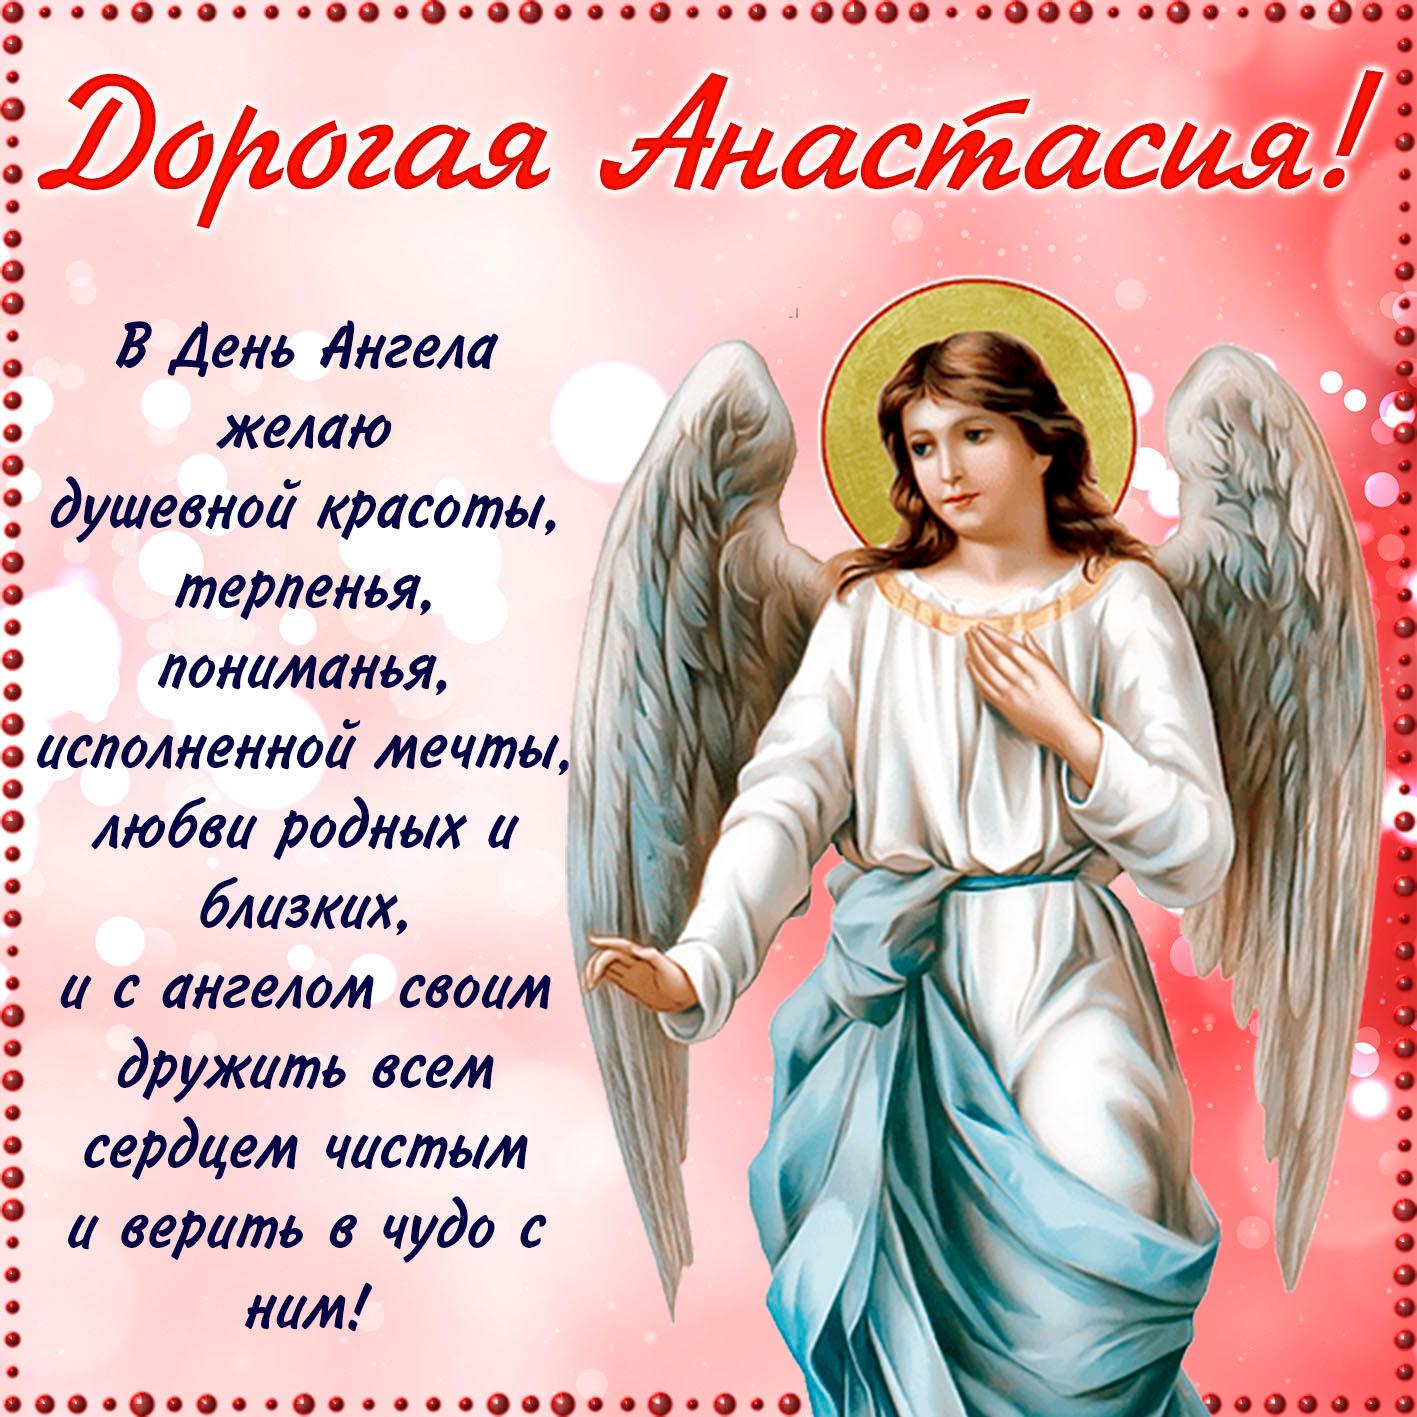 поздравление с днем ангела любимого человека